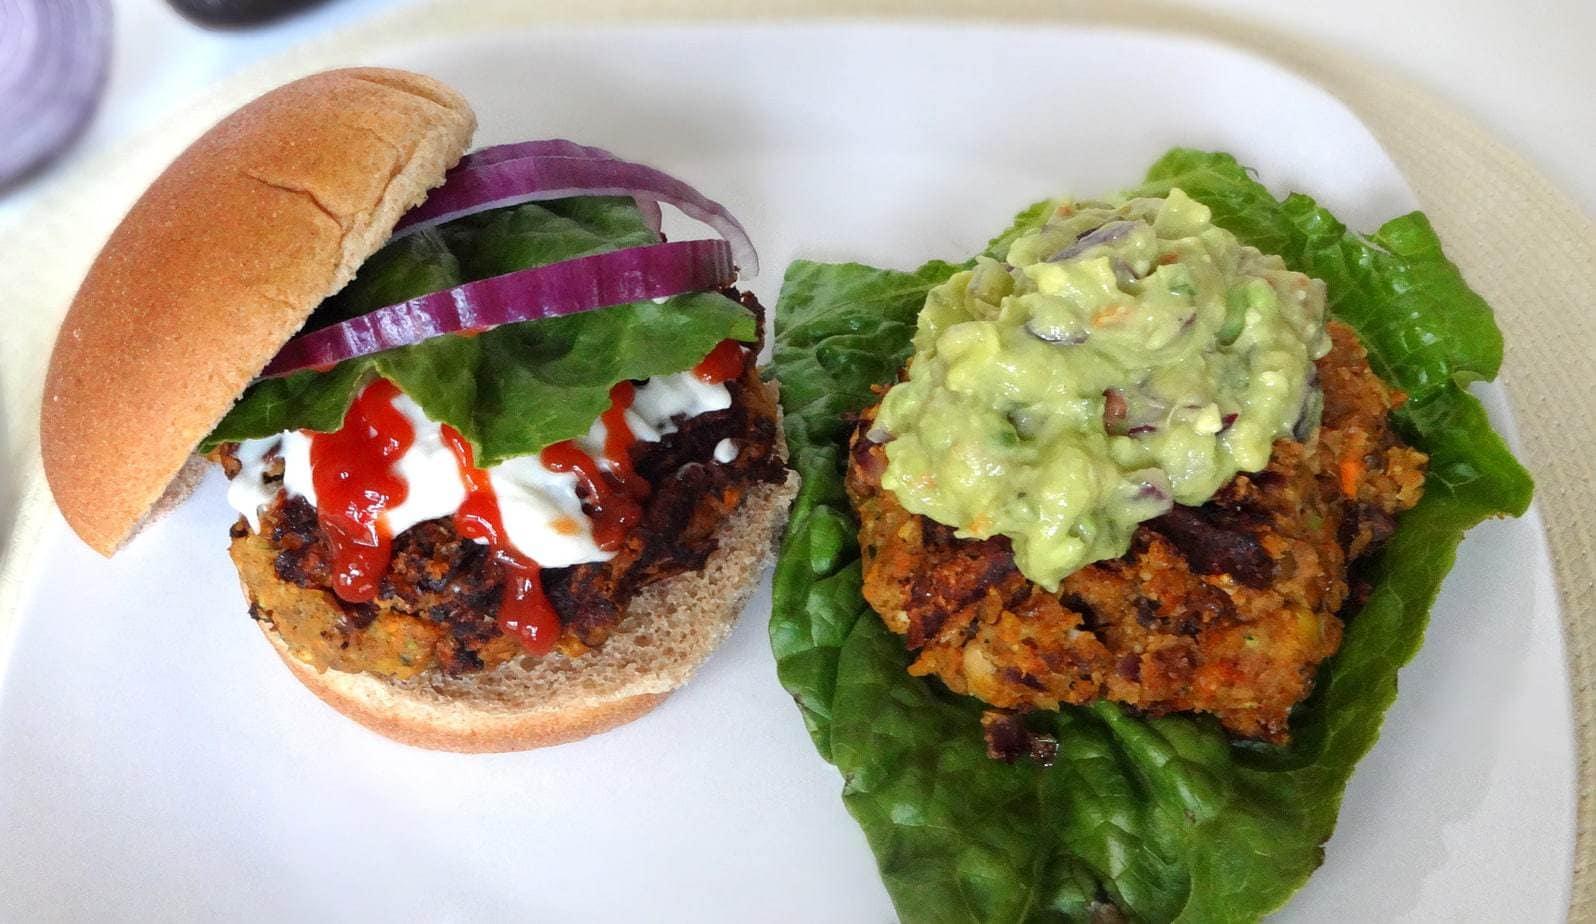 Chickpea & Lentil Veggie Burgers